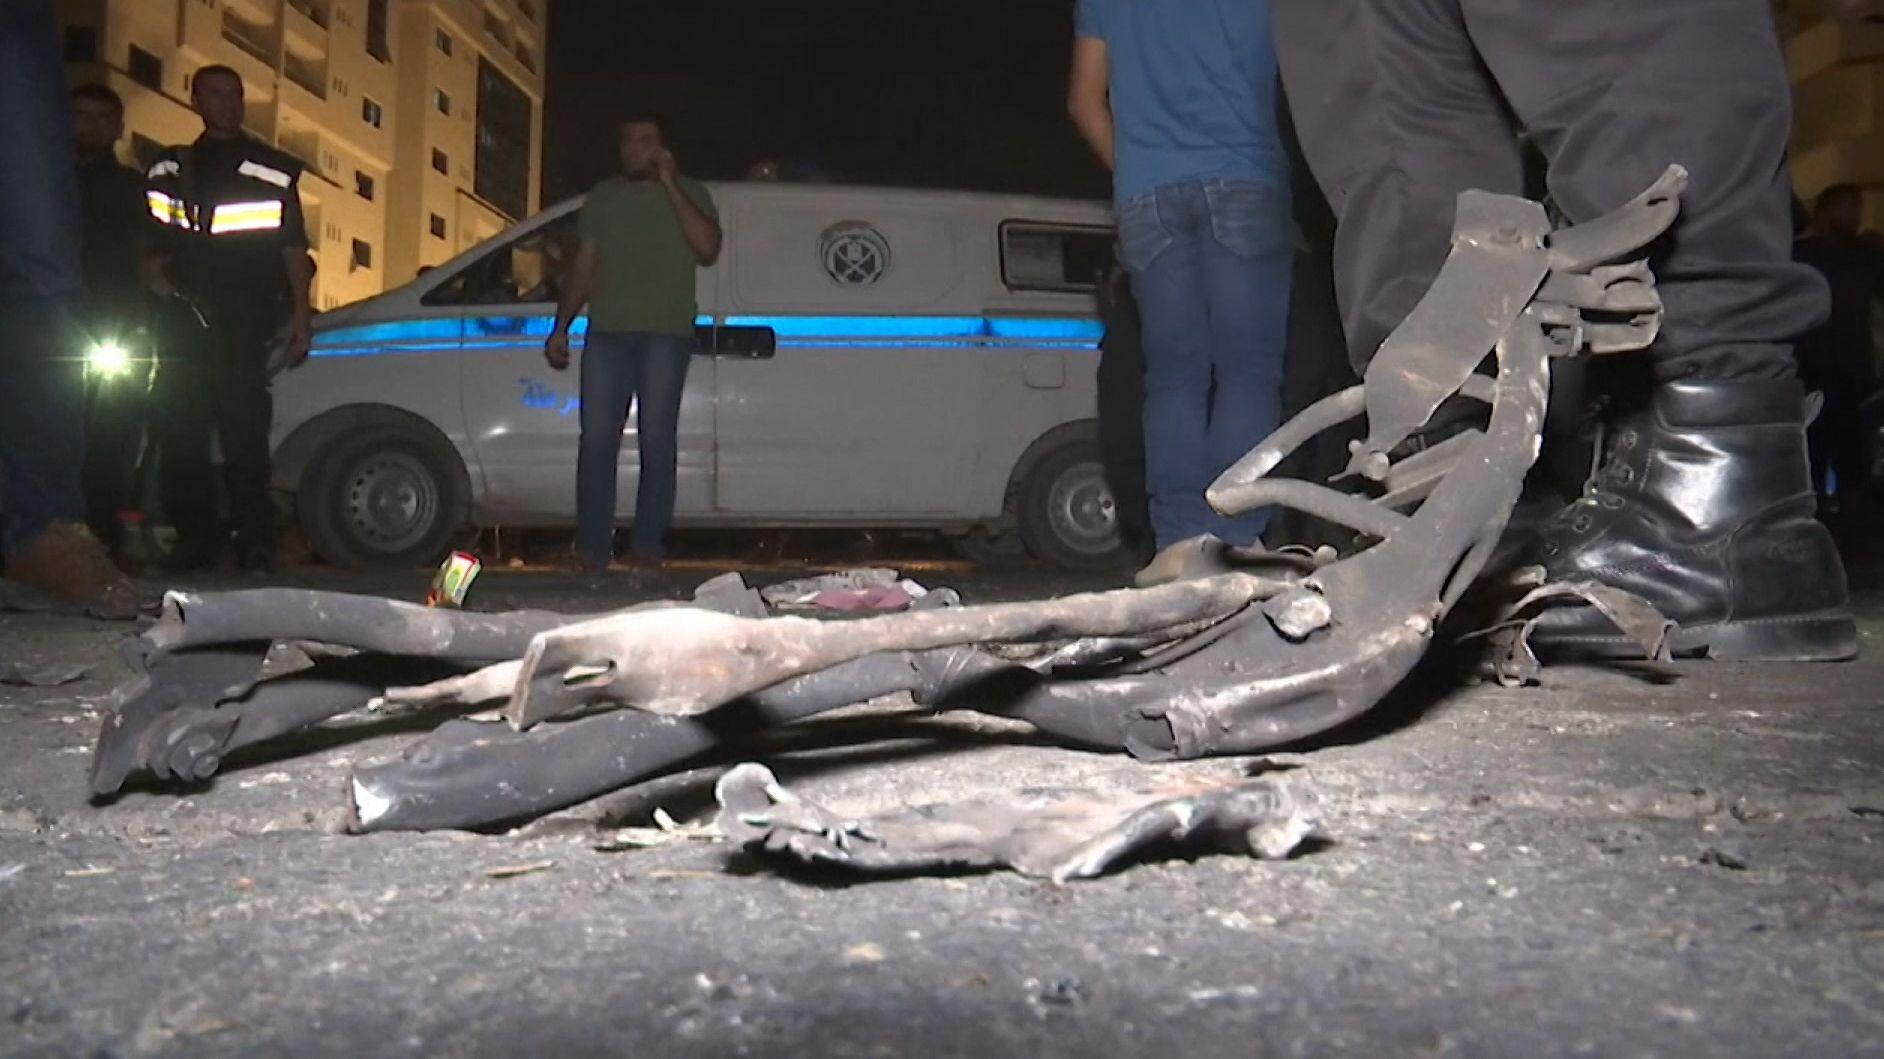 Weitere Eskalation im Gaza-Konflikt: Laut radikal-islamischer Hamas sind am Dienstag drei palästinensische Polizisten getötet worden.